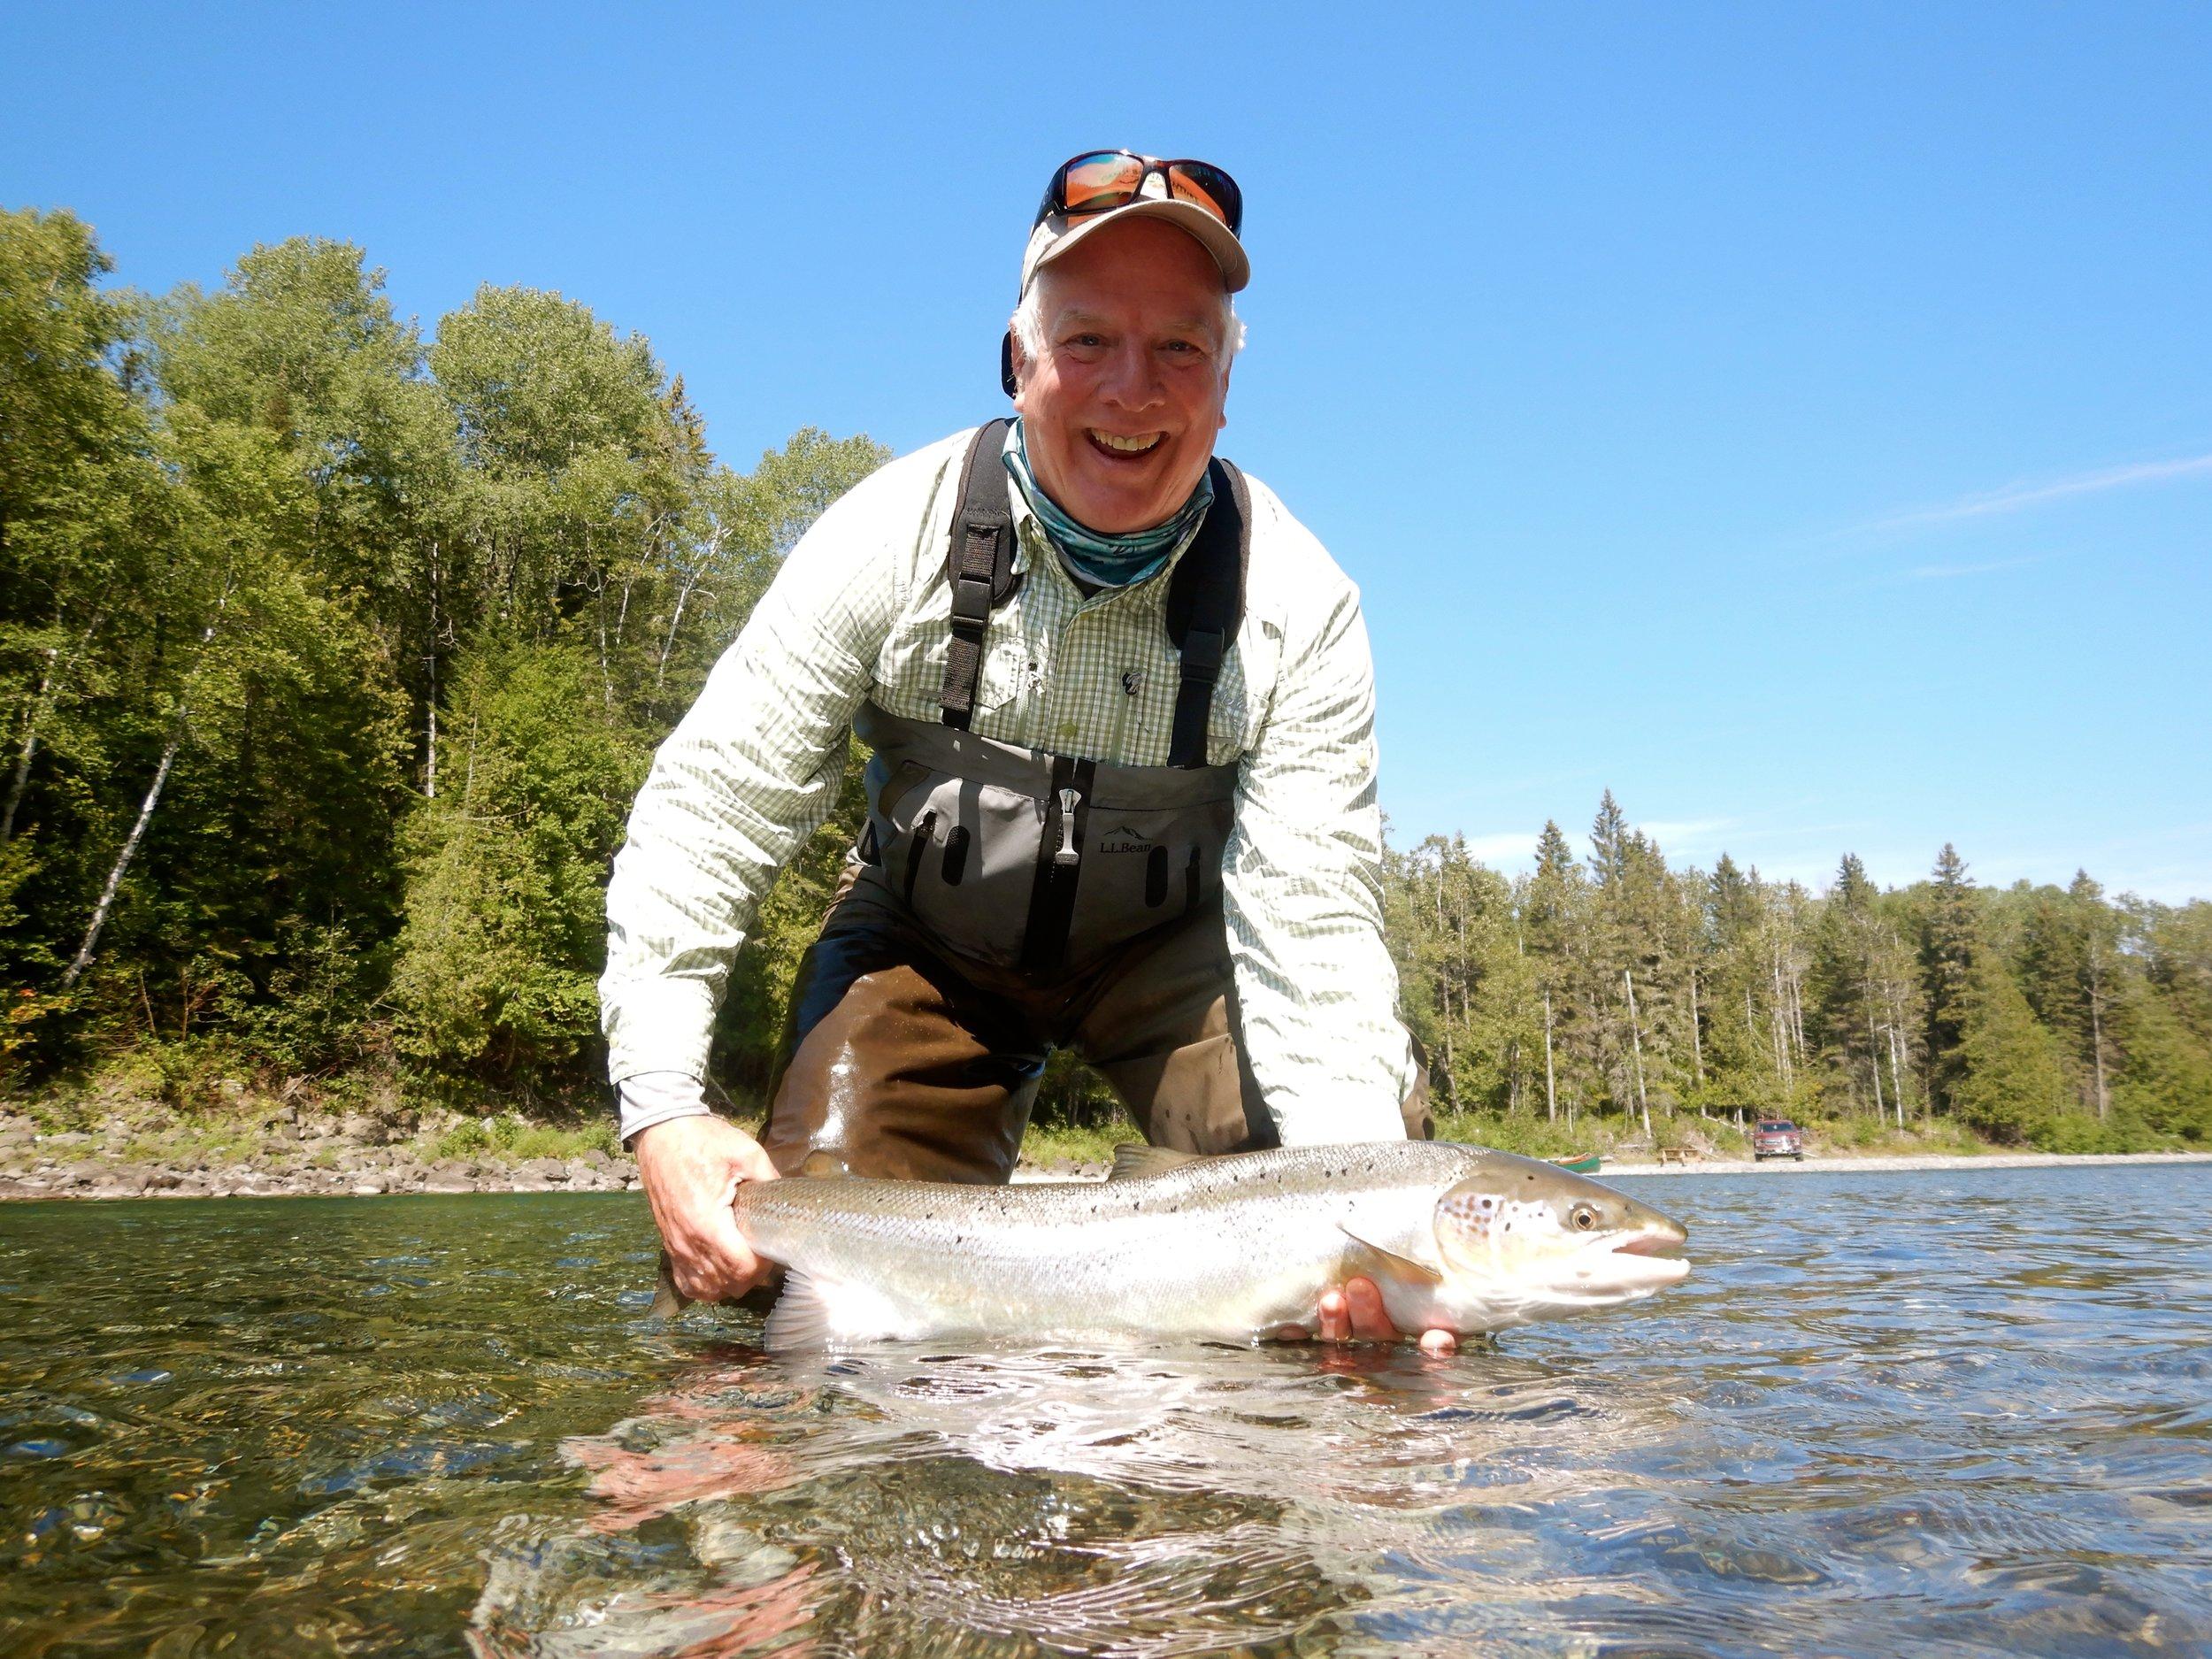 La chance a enfin souri à Tom Stroker sur la rivière Bonaventure. Félicitations, Tom!